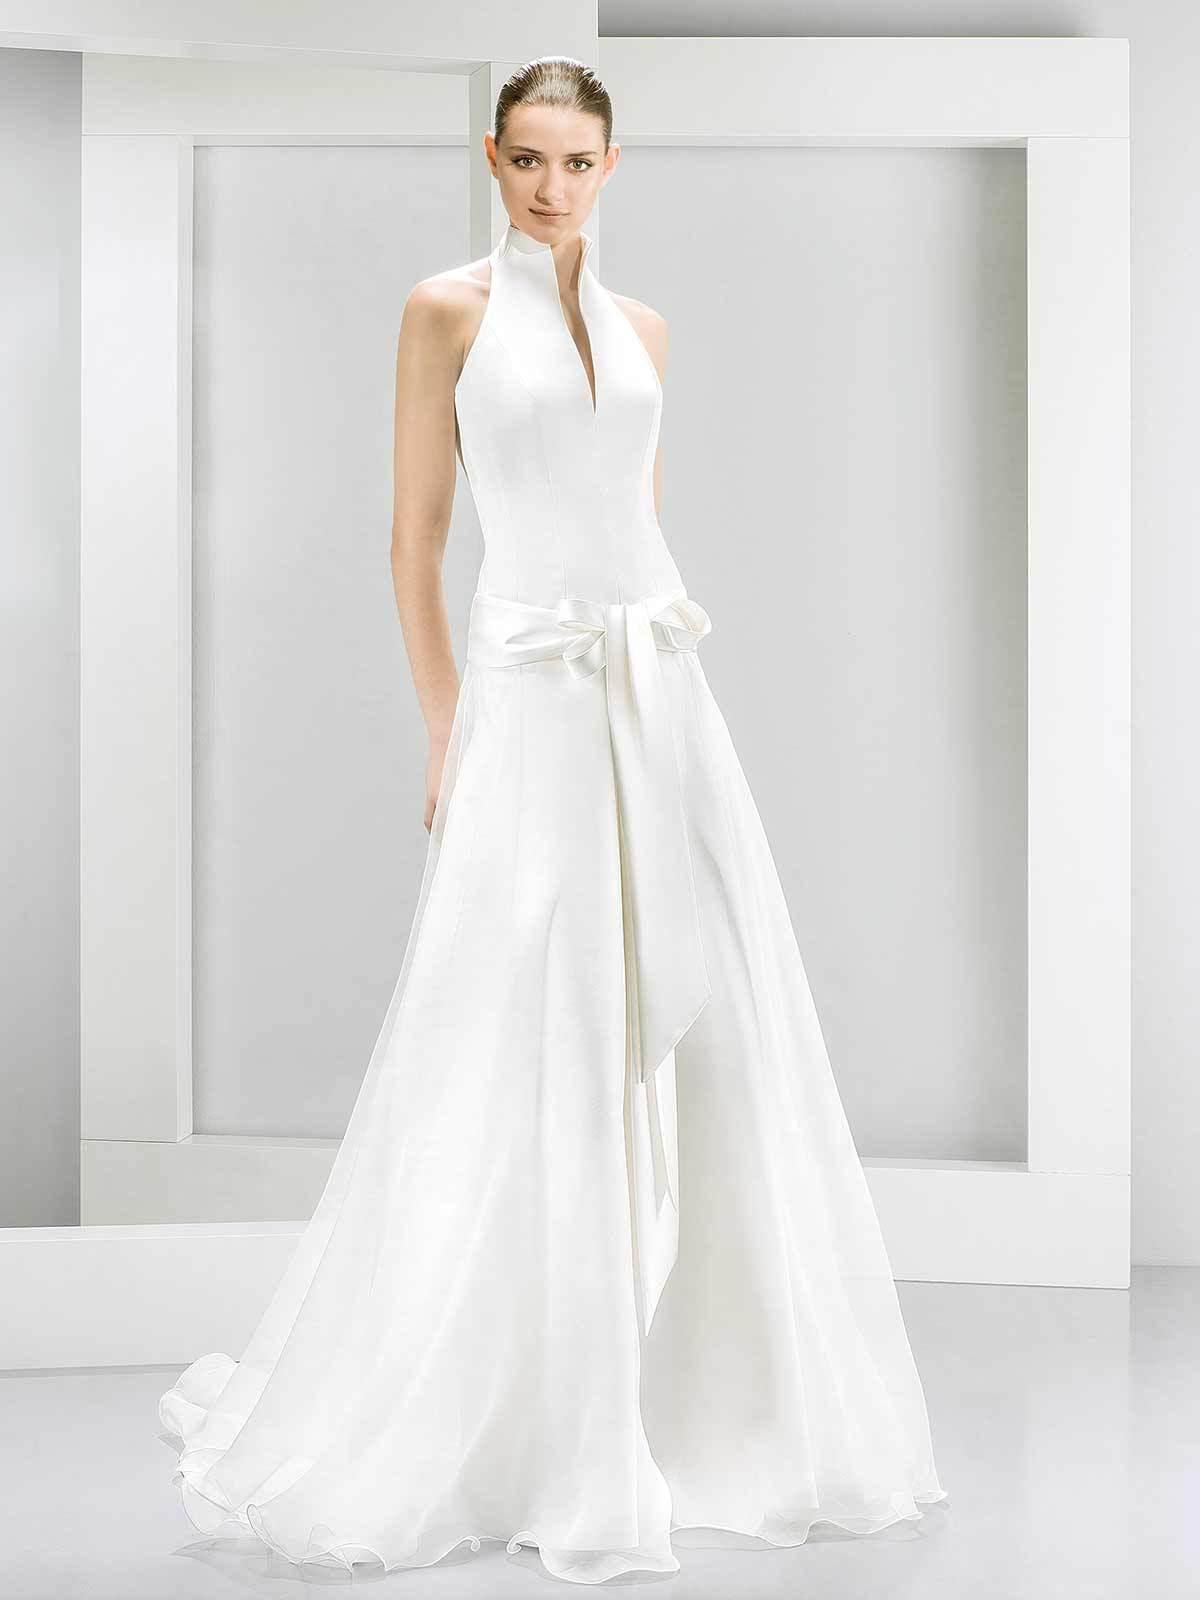 Brautkleid 5058 Von Jesus Peiro Auf Ja De